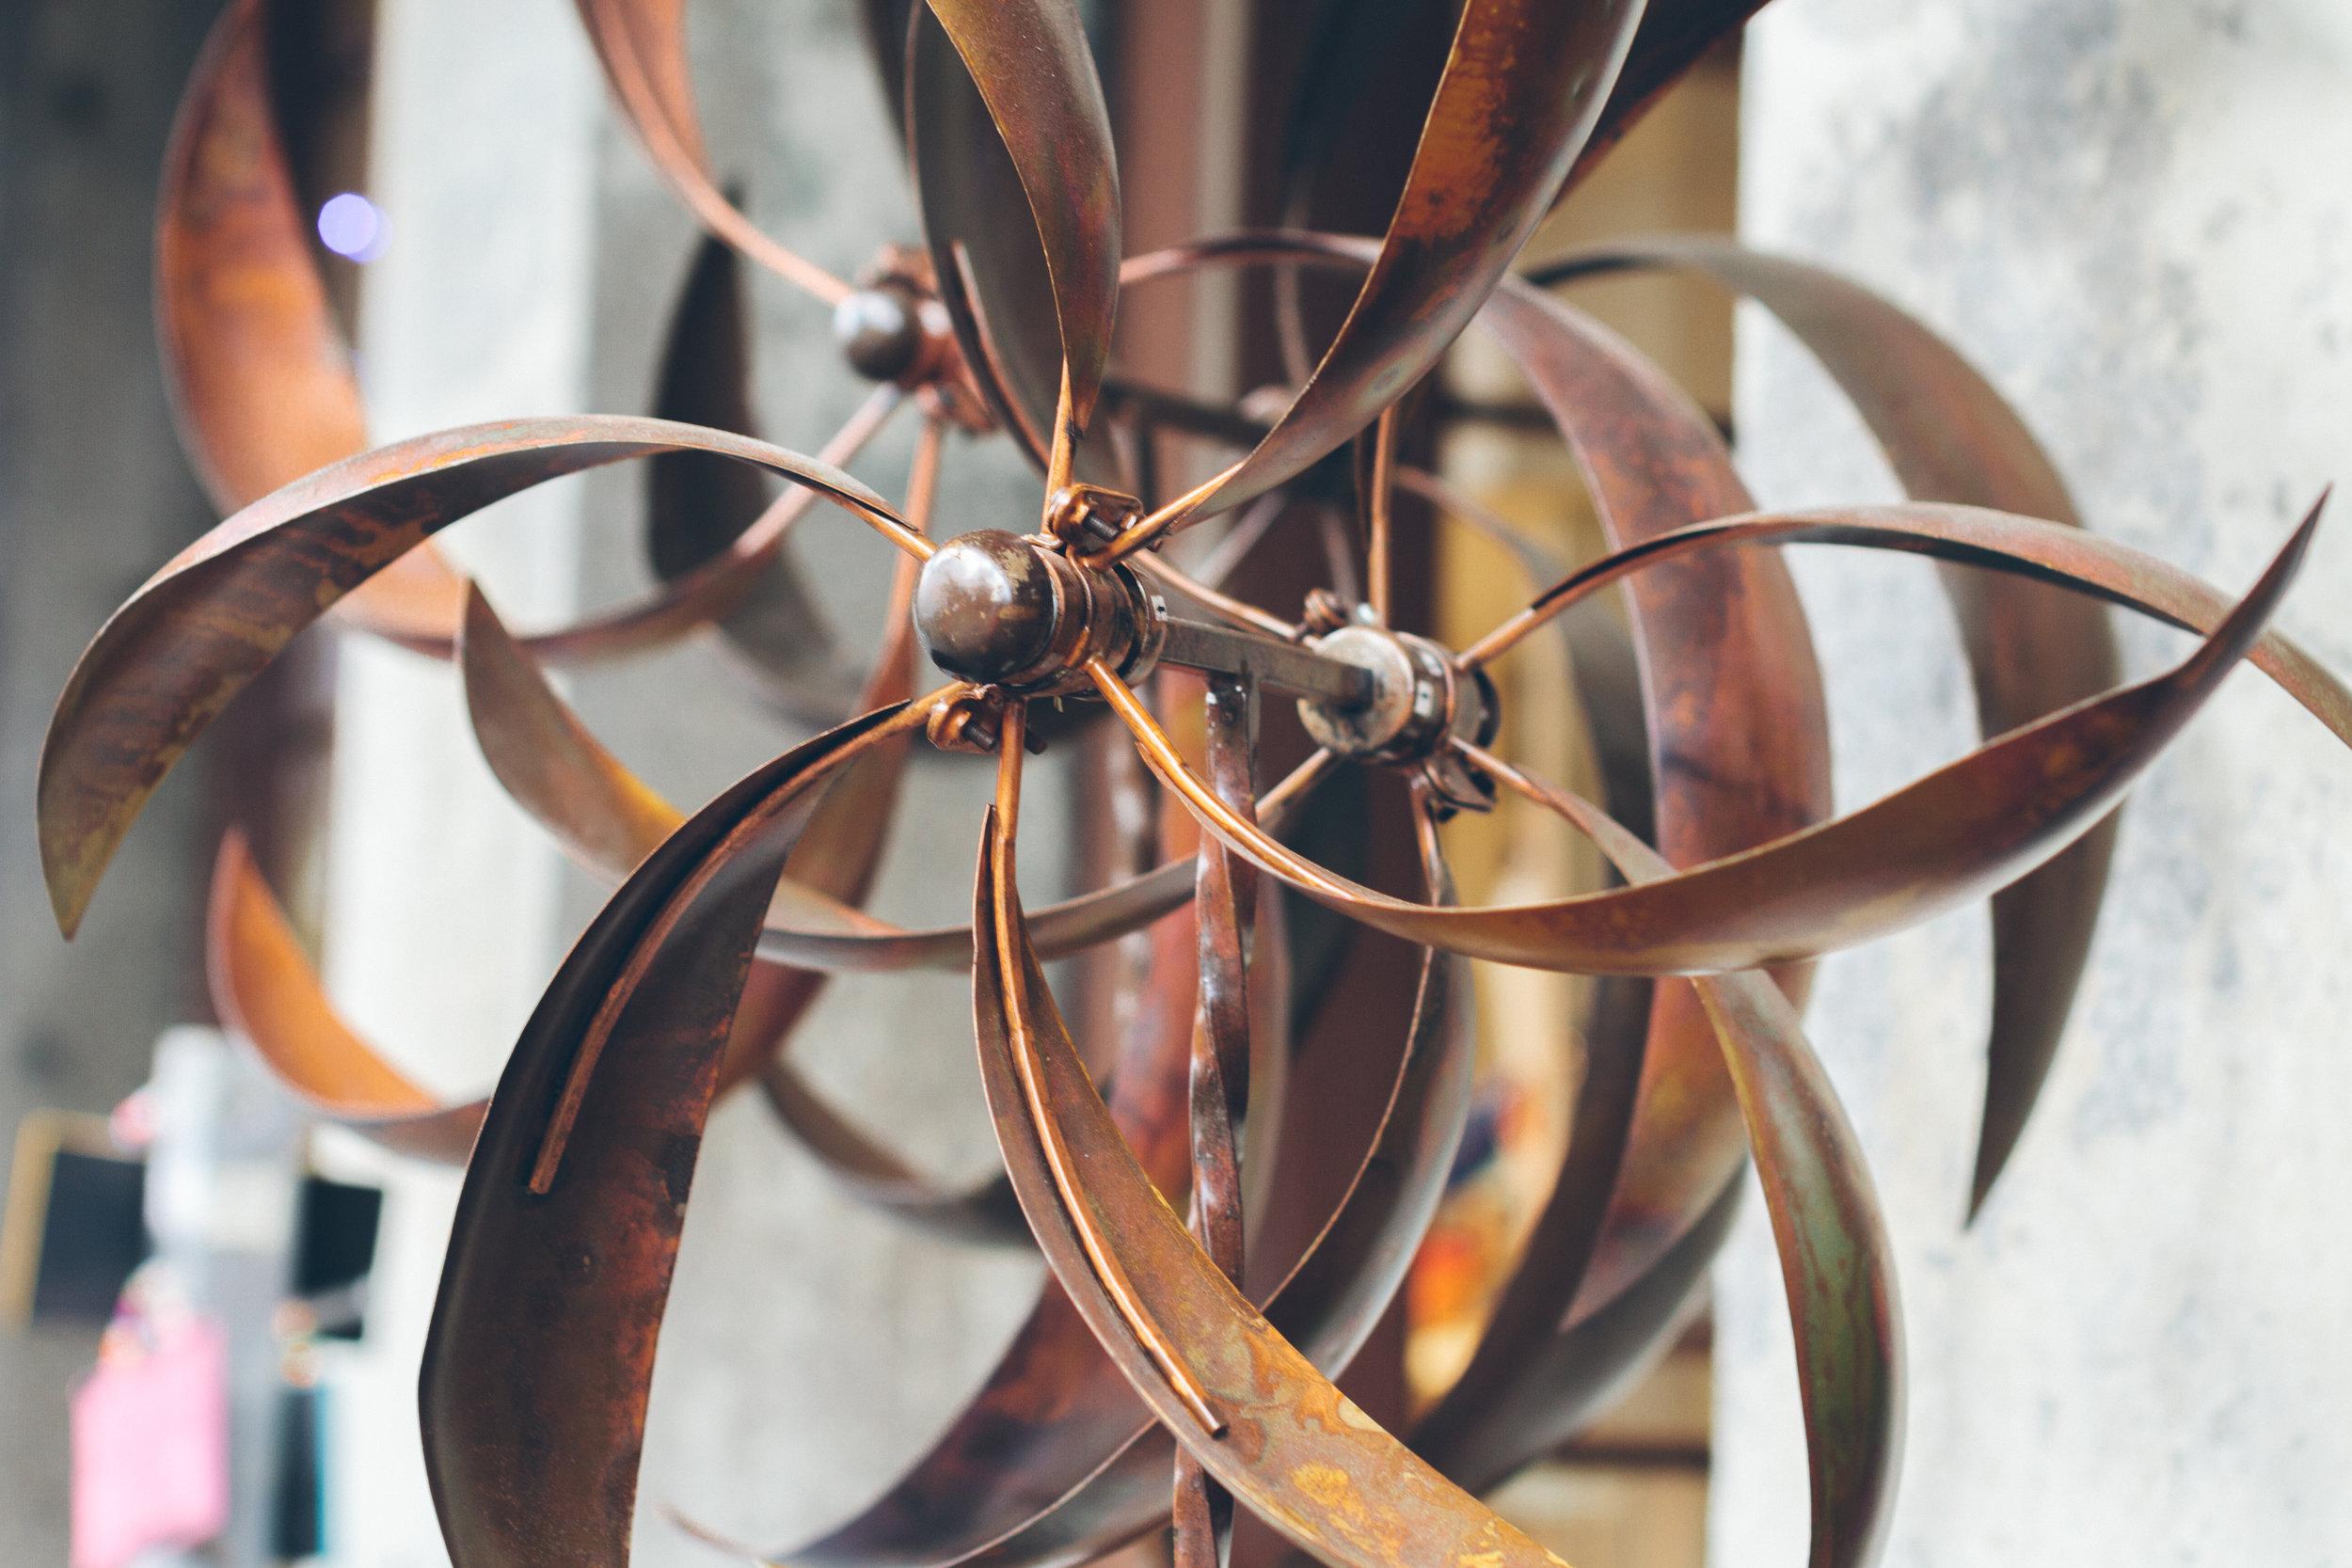 fan blades.jpg